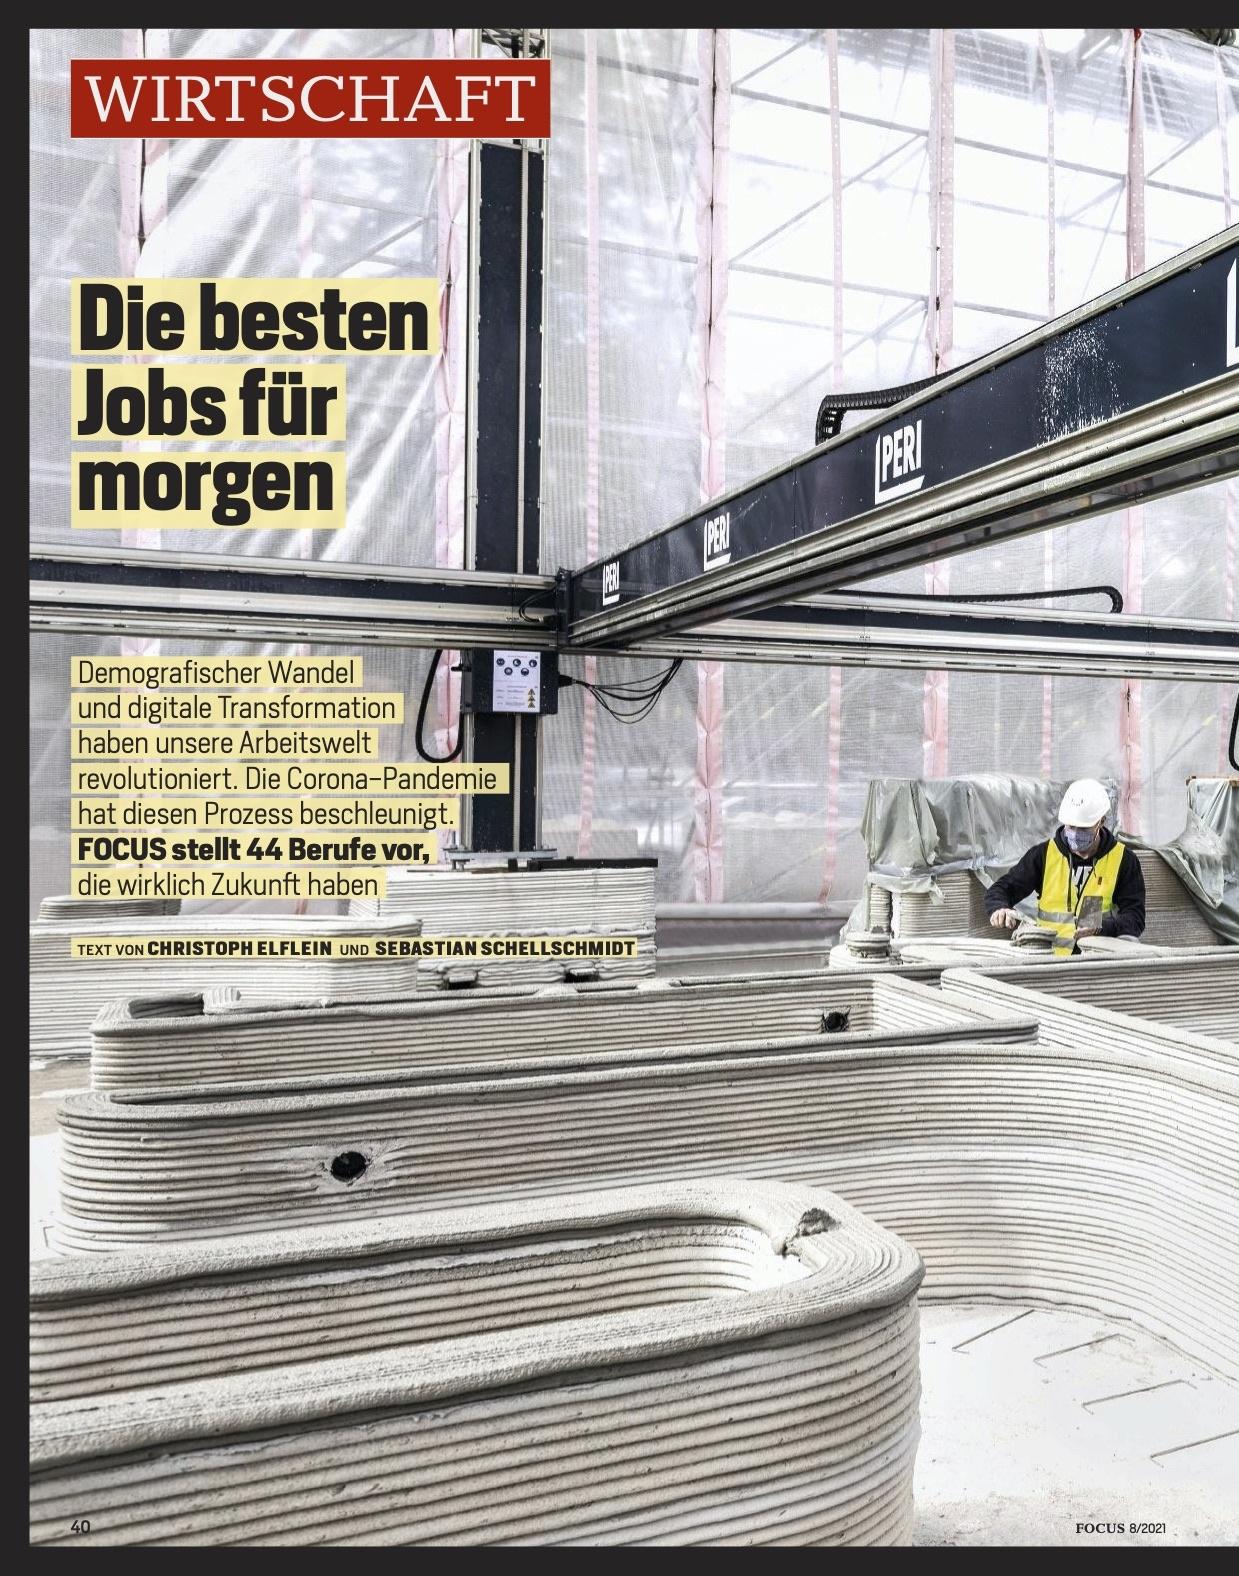 FOCUS Magazin FOCUS Magazin - 44 Jobs mit Zukunft